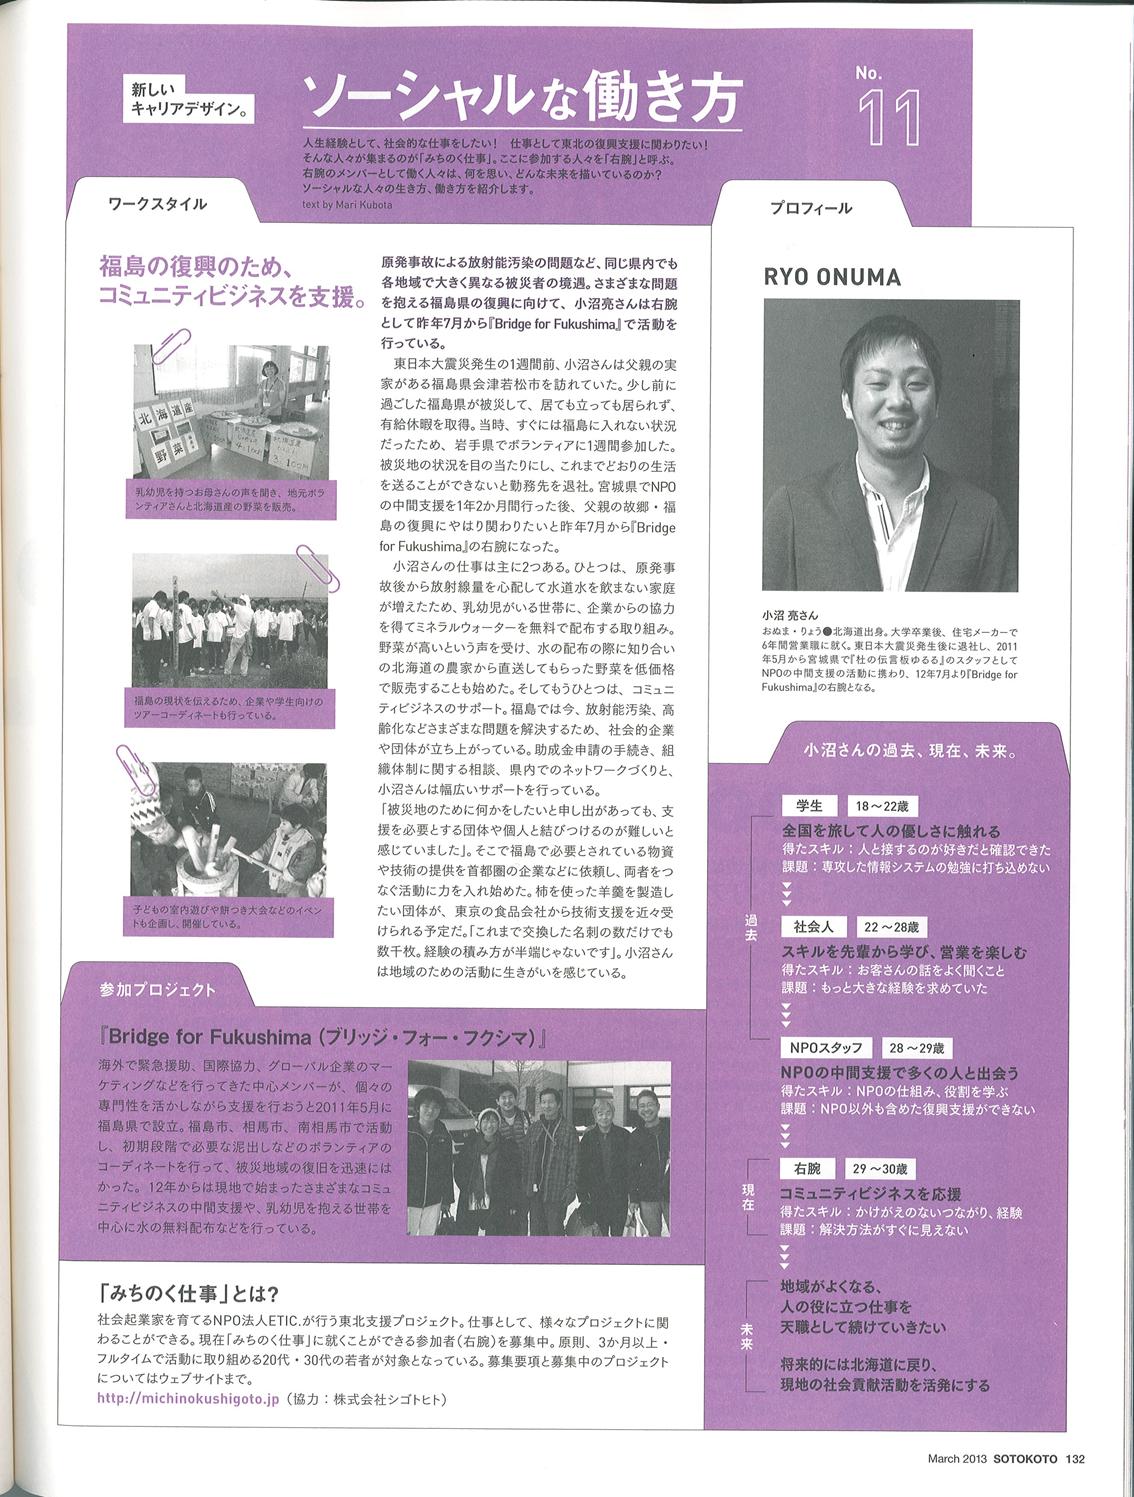 ソトコト201302記事onuma